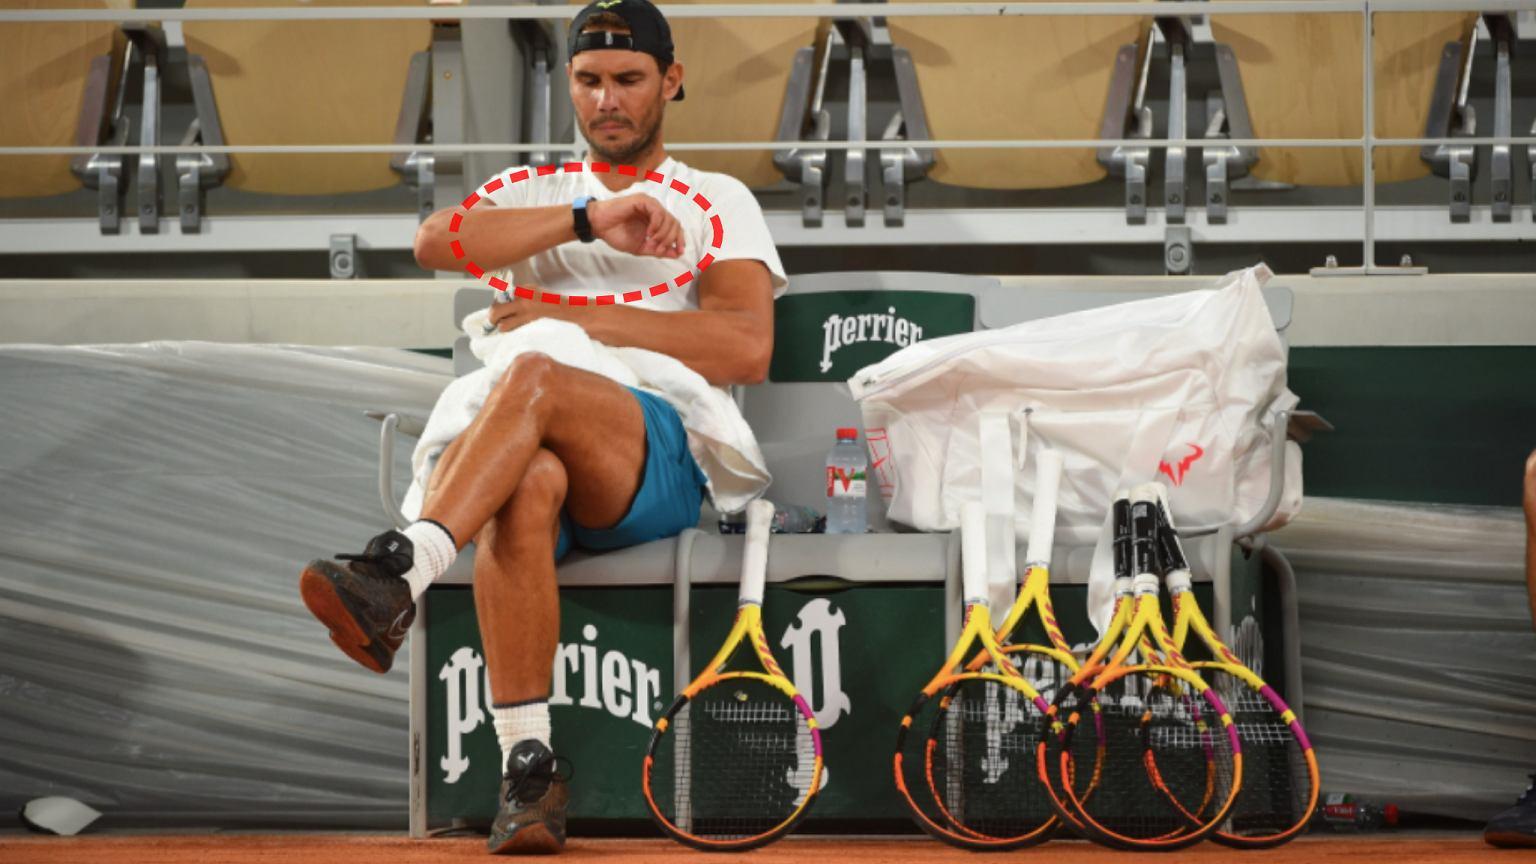 Niezwykly Zegarek Nadala Wart Wiecej Niz Pula Nagrod W Turniejach 50 Sztuk Na Swiecie Tenis Sport Pl